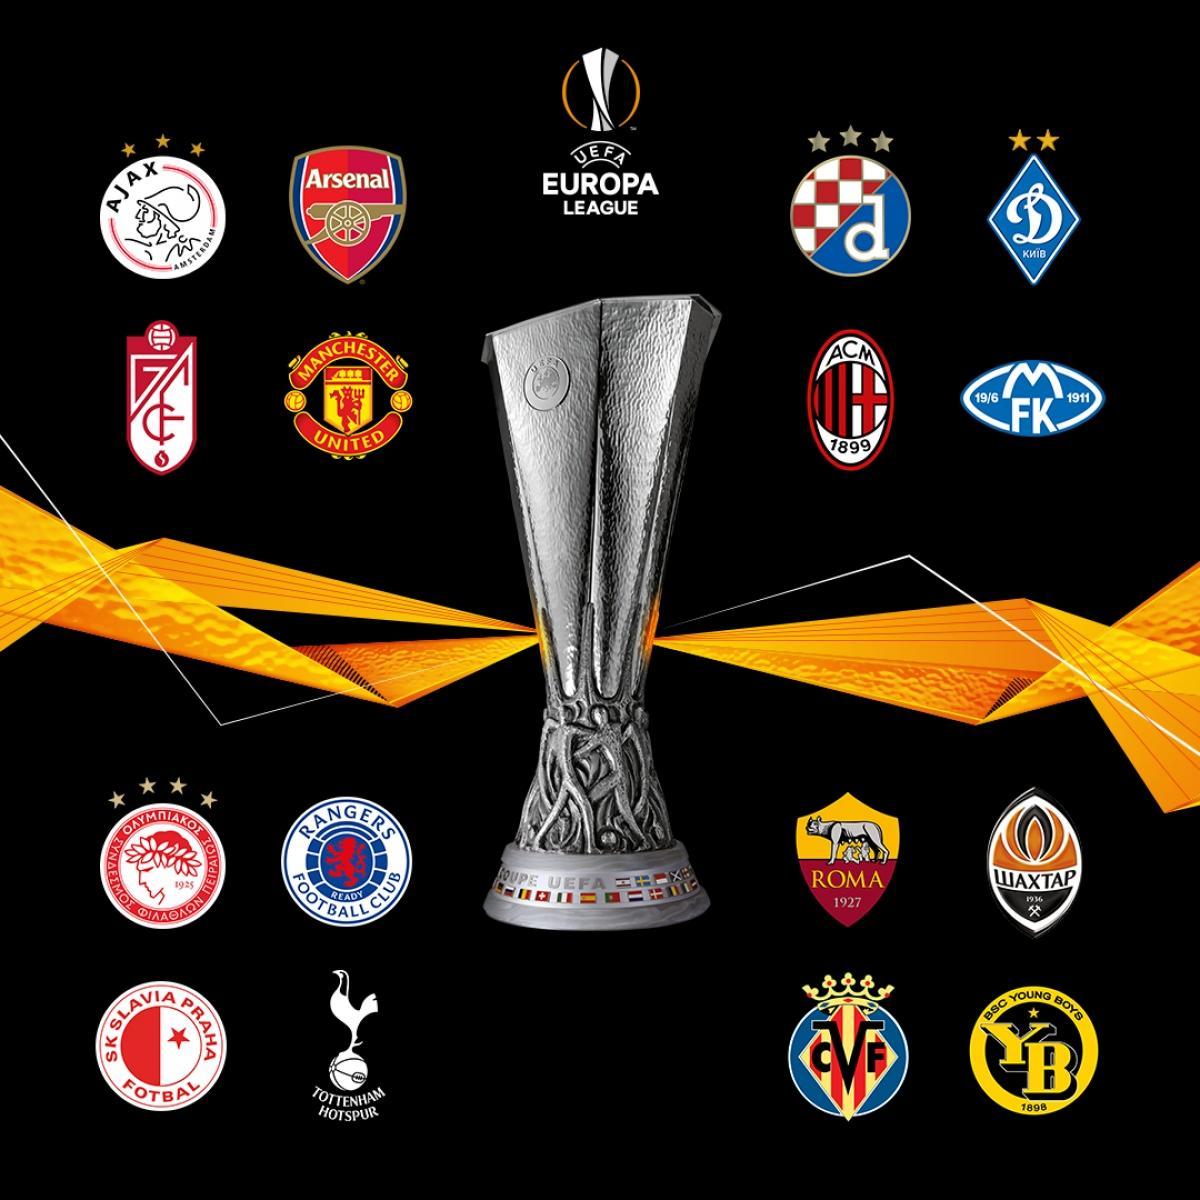 16 đội bóng giành vé vào vòng 1/8 Europa League 2020/2021.